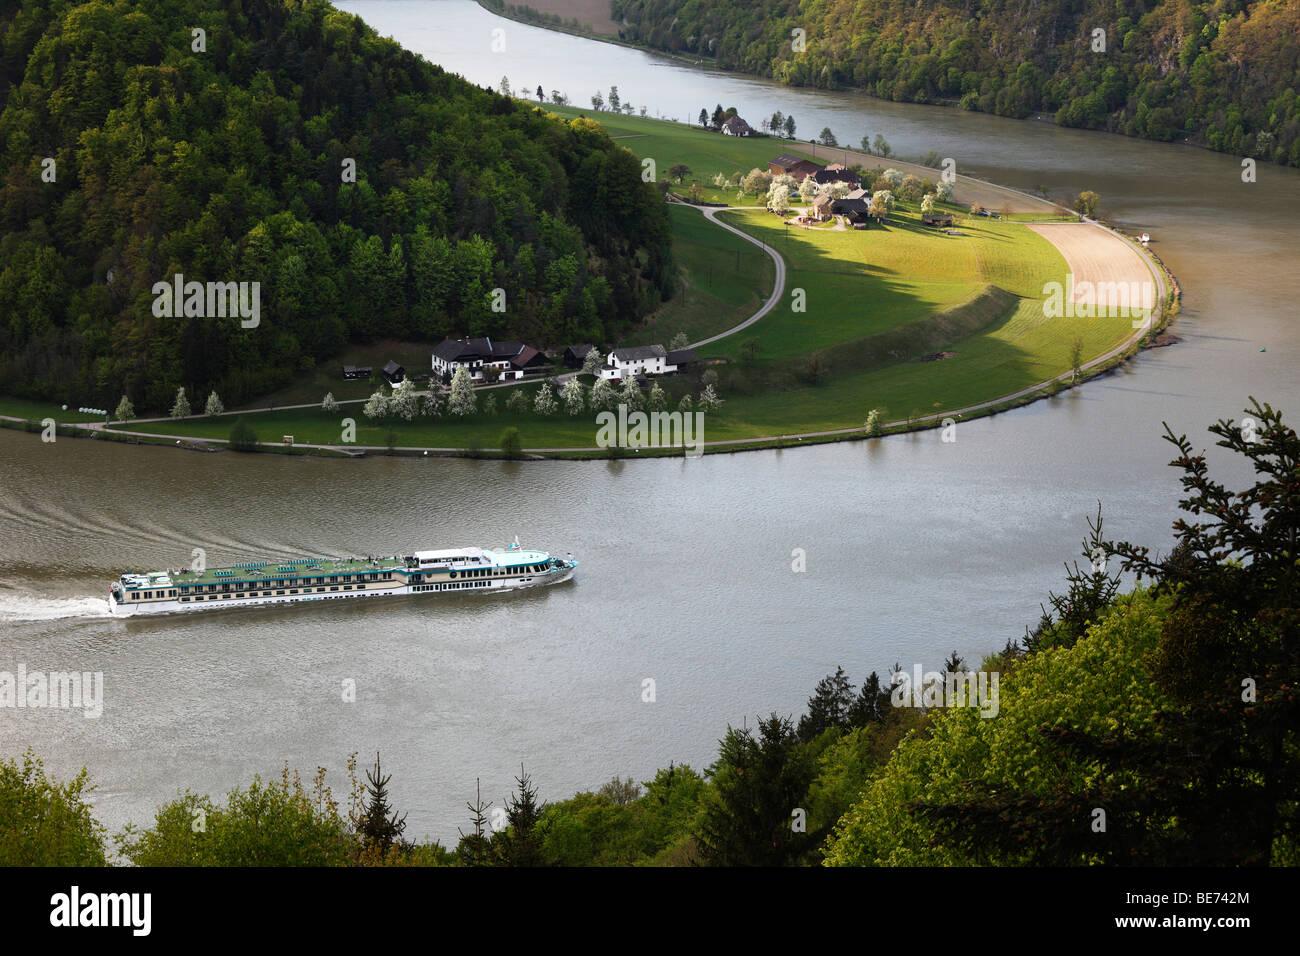 Passenger ship on Danube River, Schloegener loop, Schloegen, Upper Austria, Austria, Europe - Stock Image